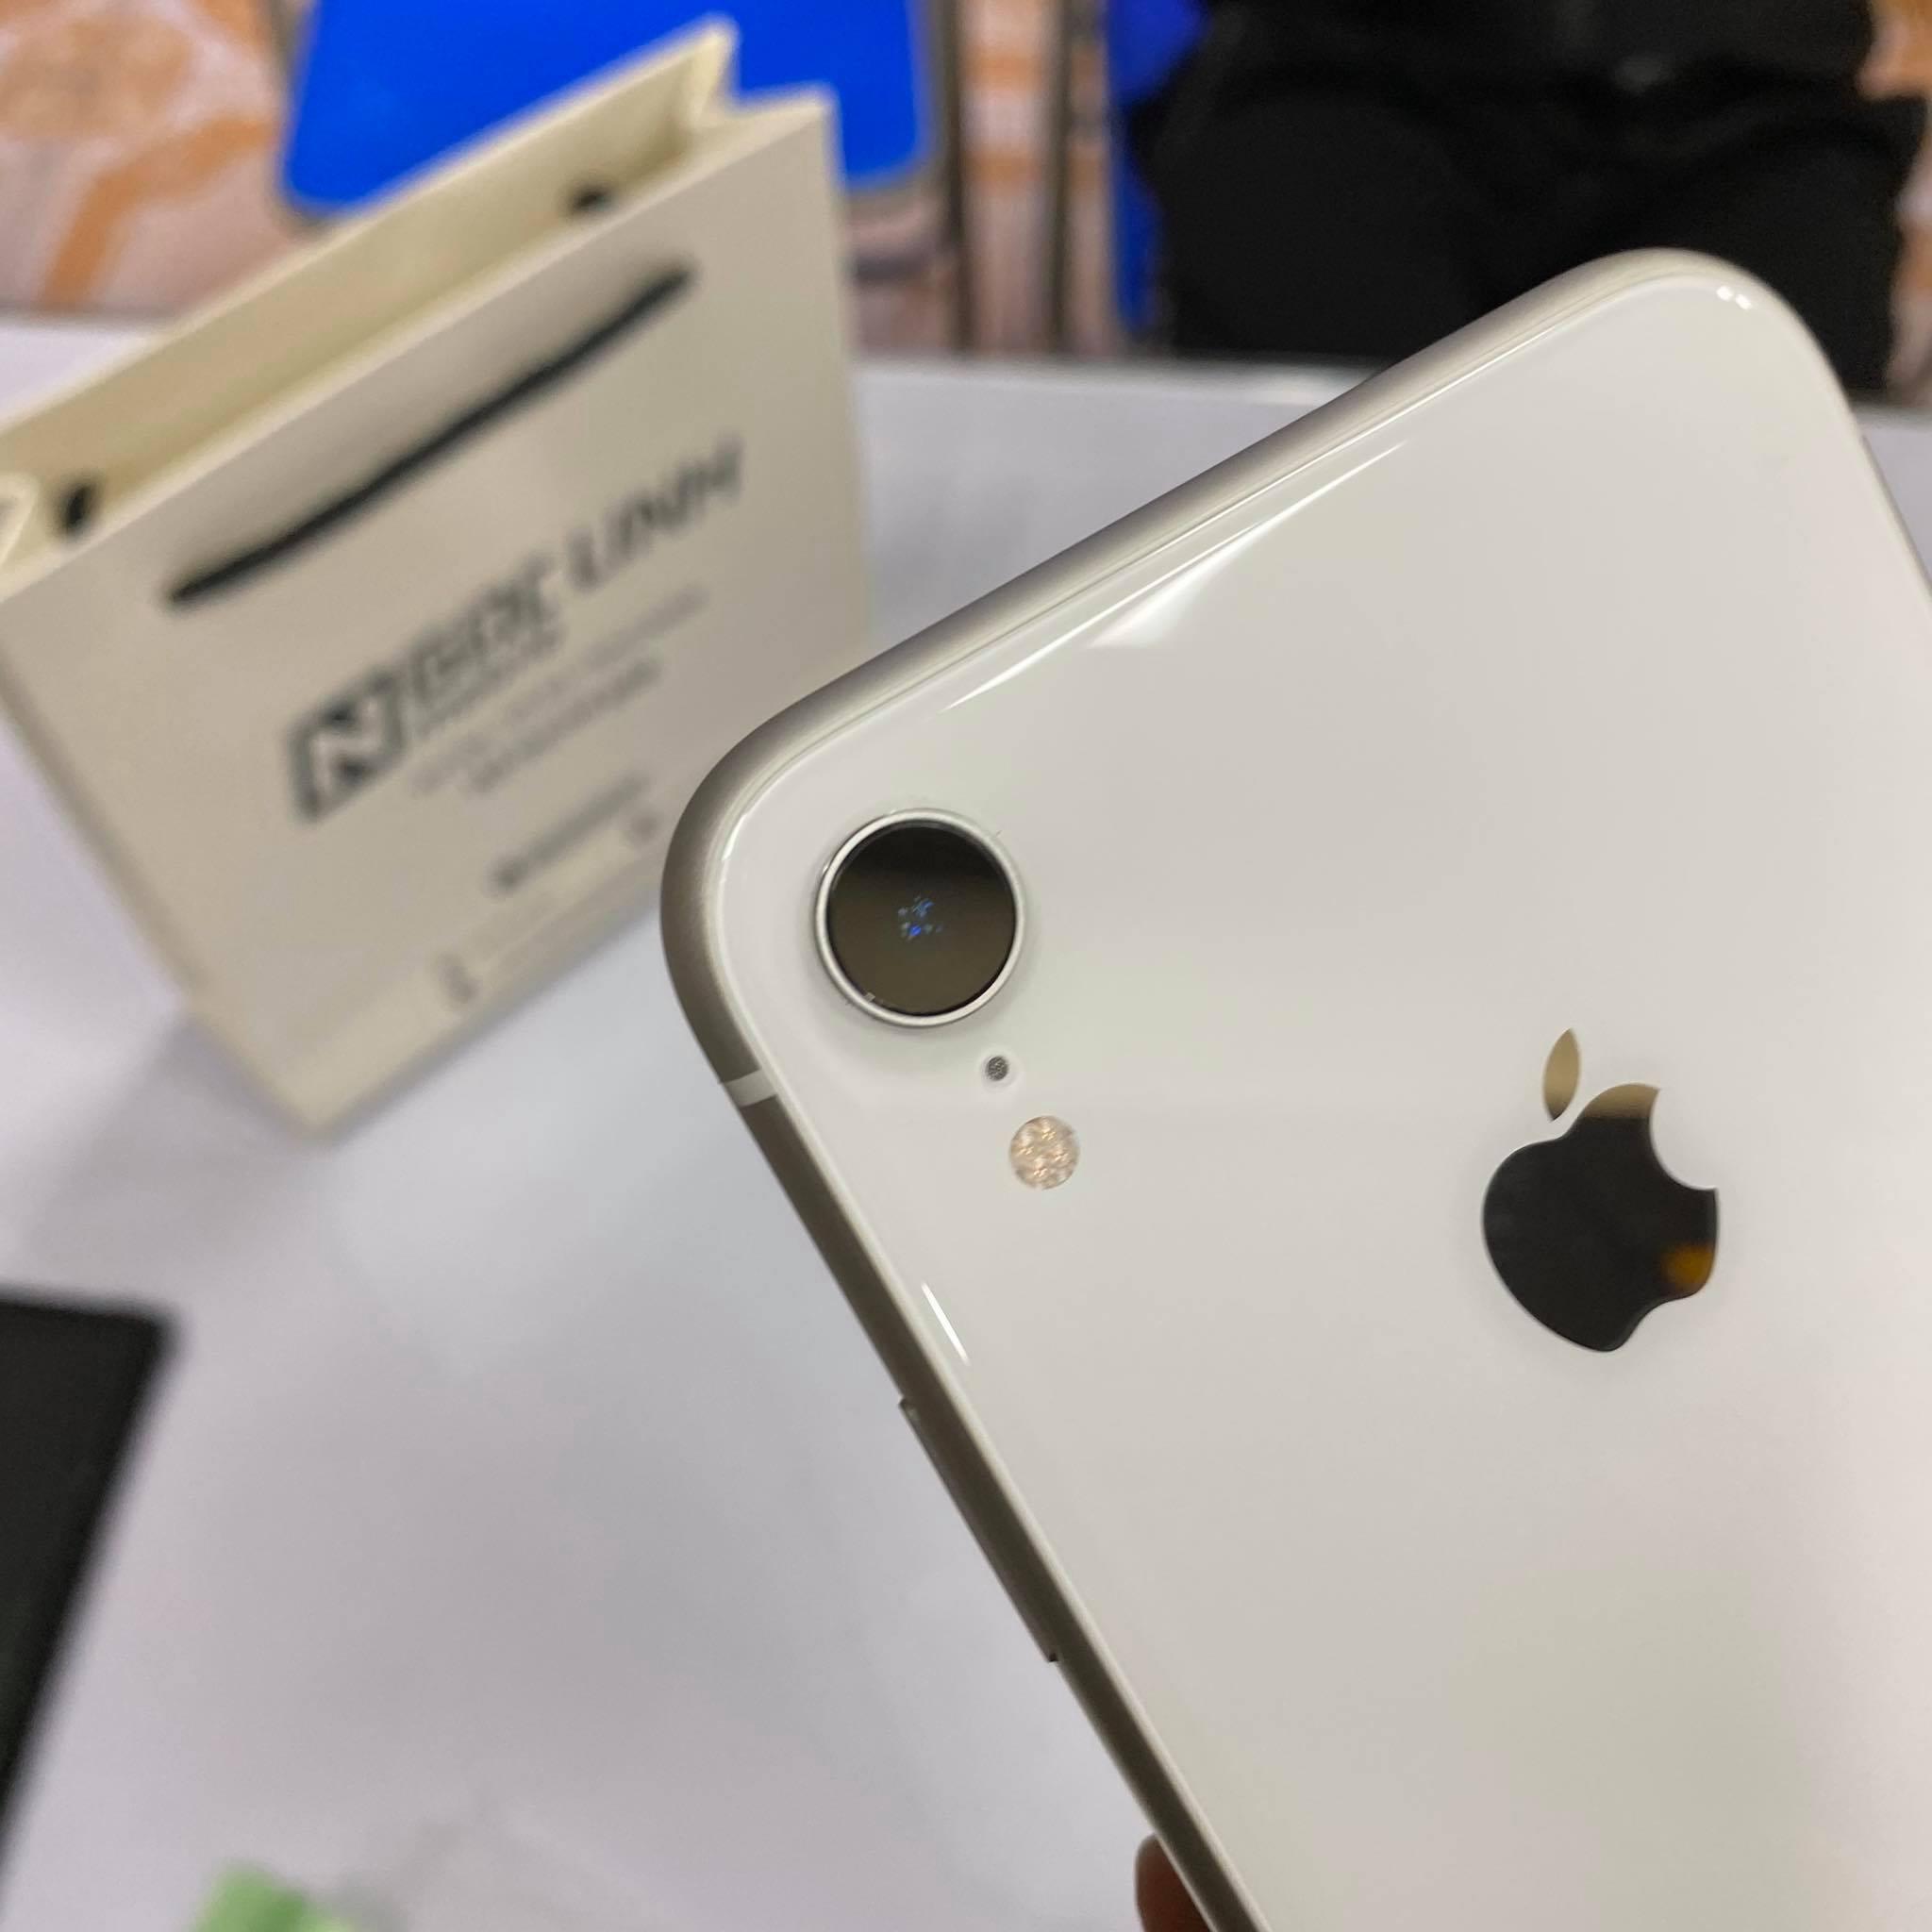 iPhone Xr - iPhone Xr – chiếc điện thoại bán chạy nhất năm vừa qua!